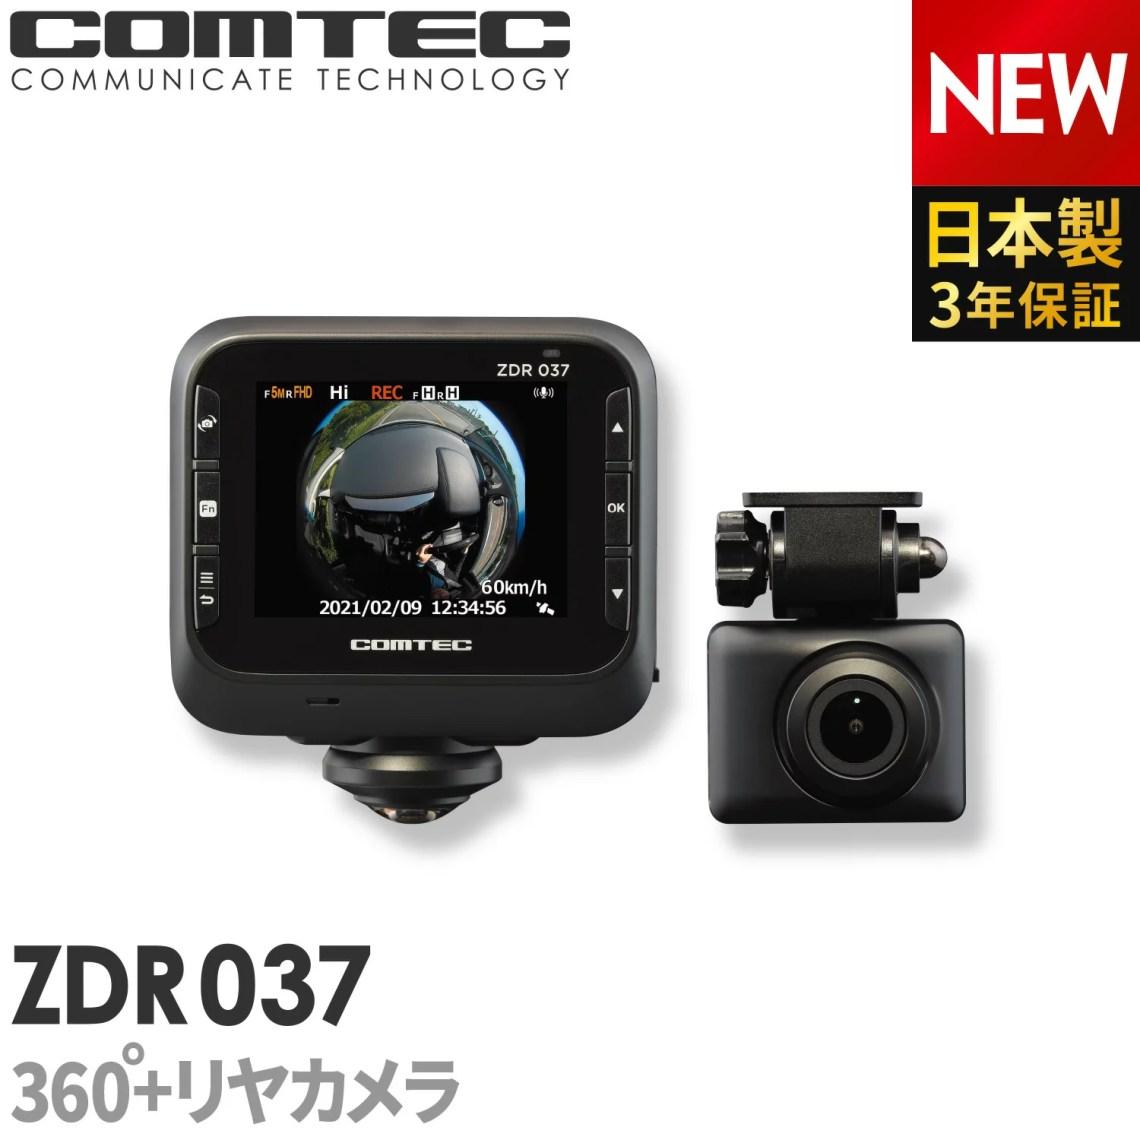 【2021年2月発売の新商品】ドライブレコーダー 日本製 3年保証 コムテック ZDR037 360